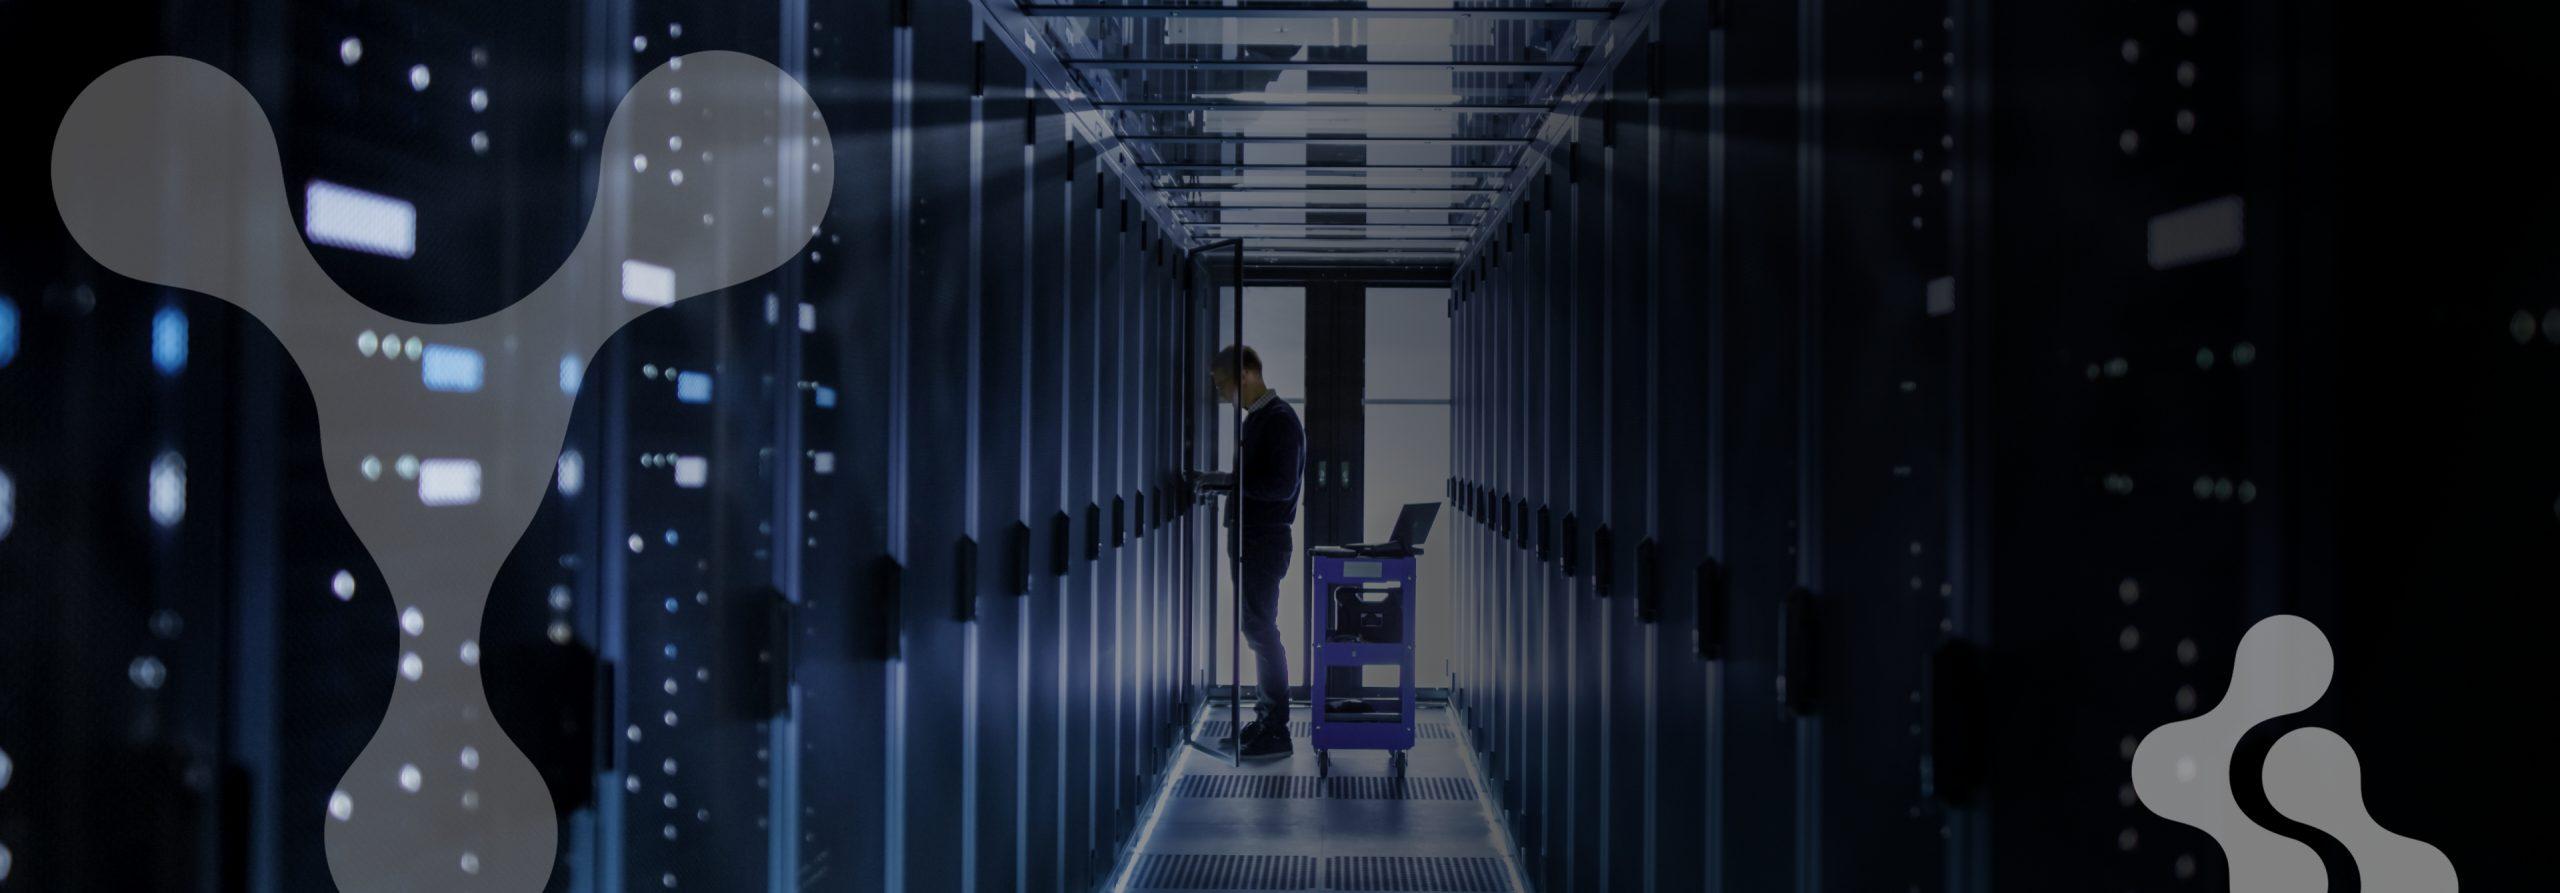 מערכות מידע וסייבר